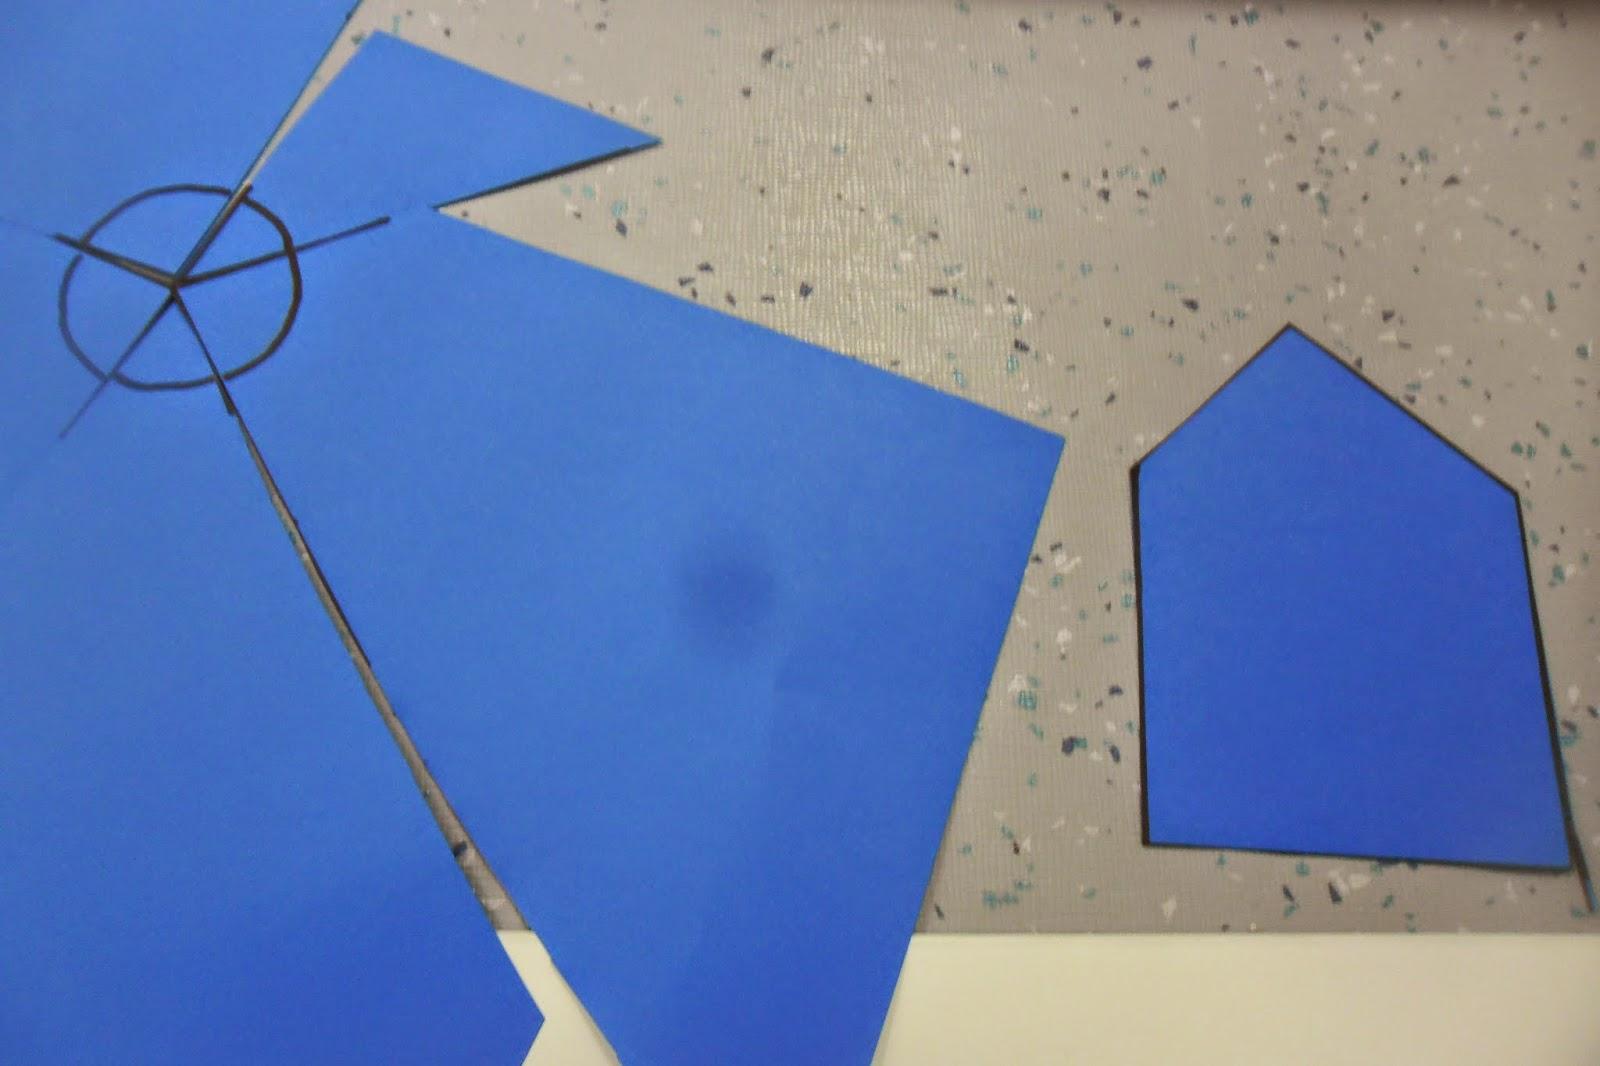 É possivel somar os ângulos externos de um polígono convexo qualquer, sem sofrimento!